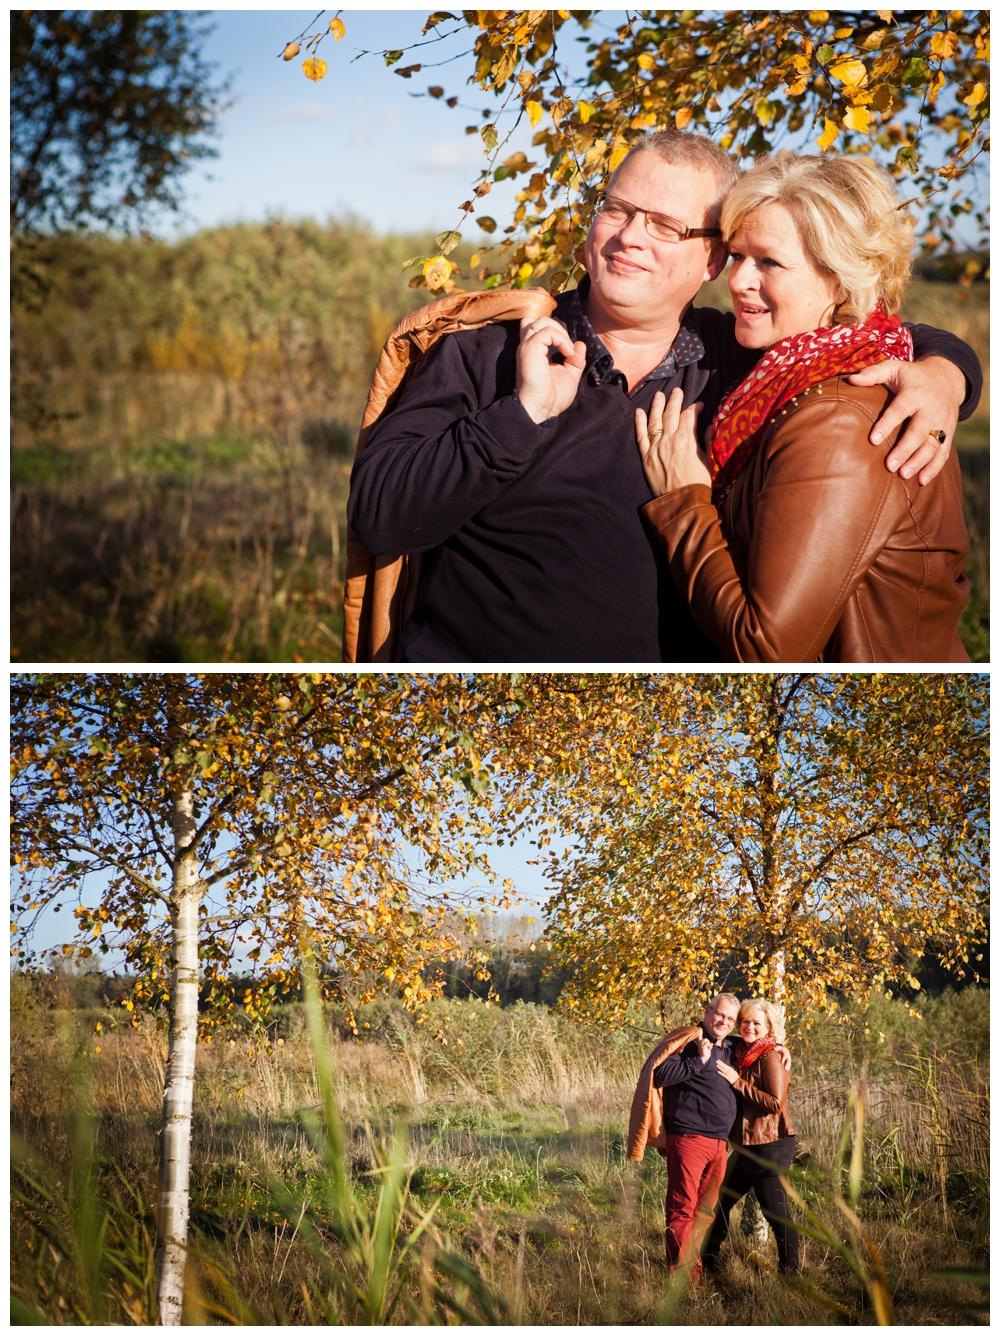 Loveshoot Freek&Liesbeth - Debora Yari Fotografie036